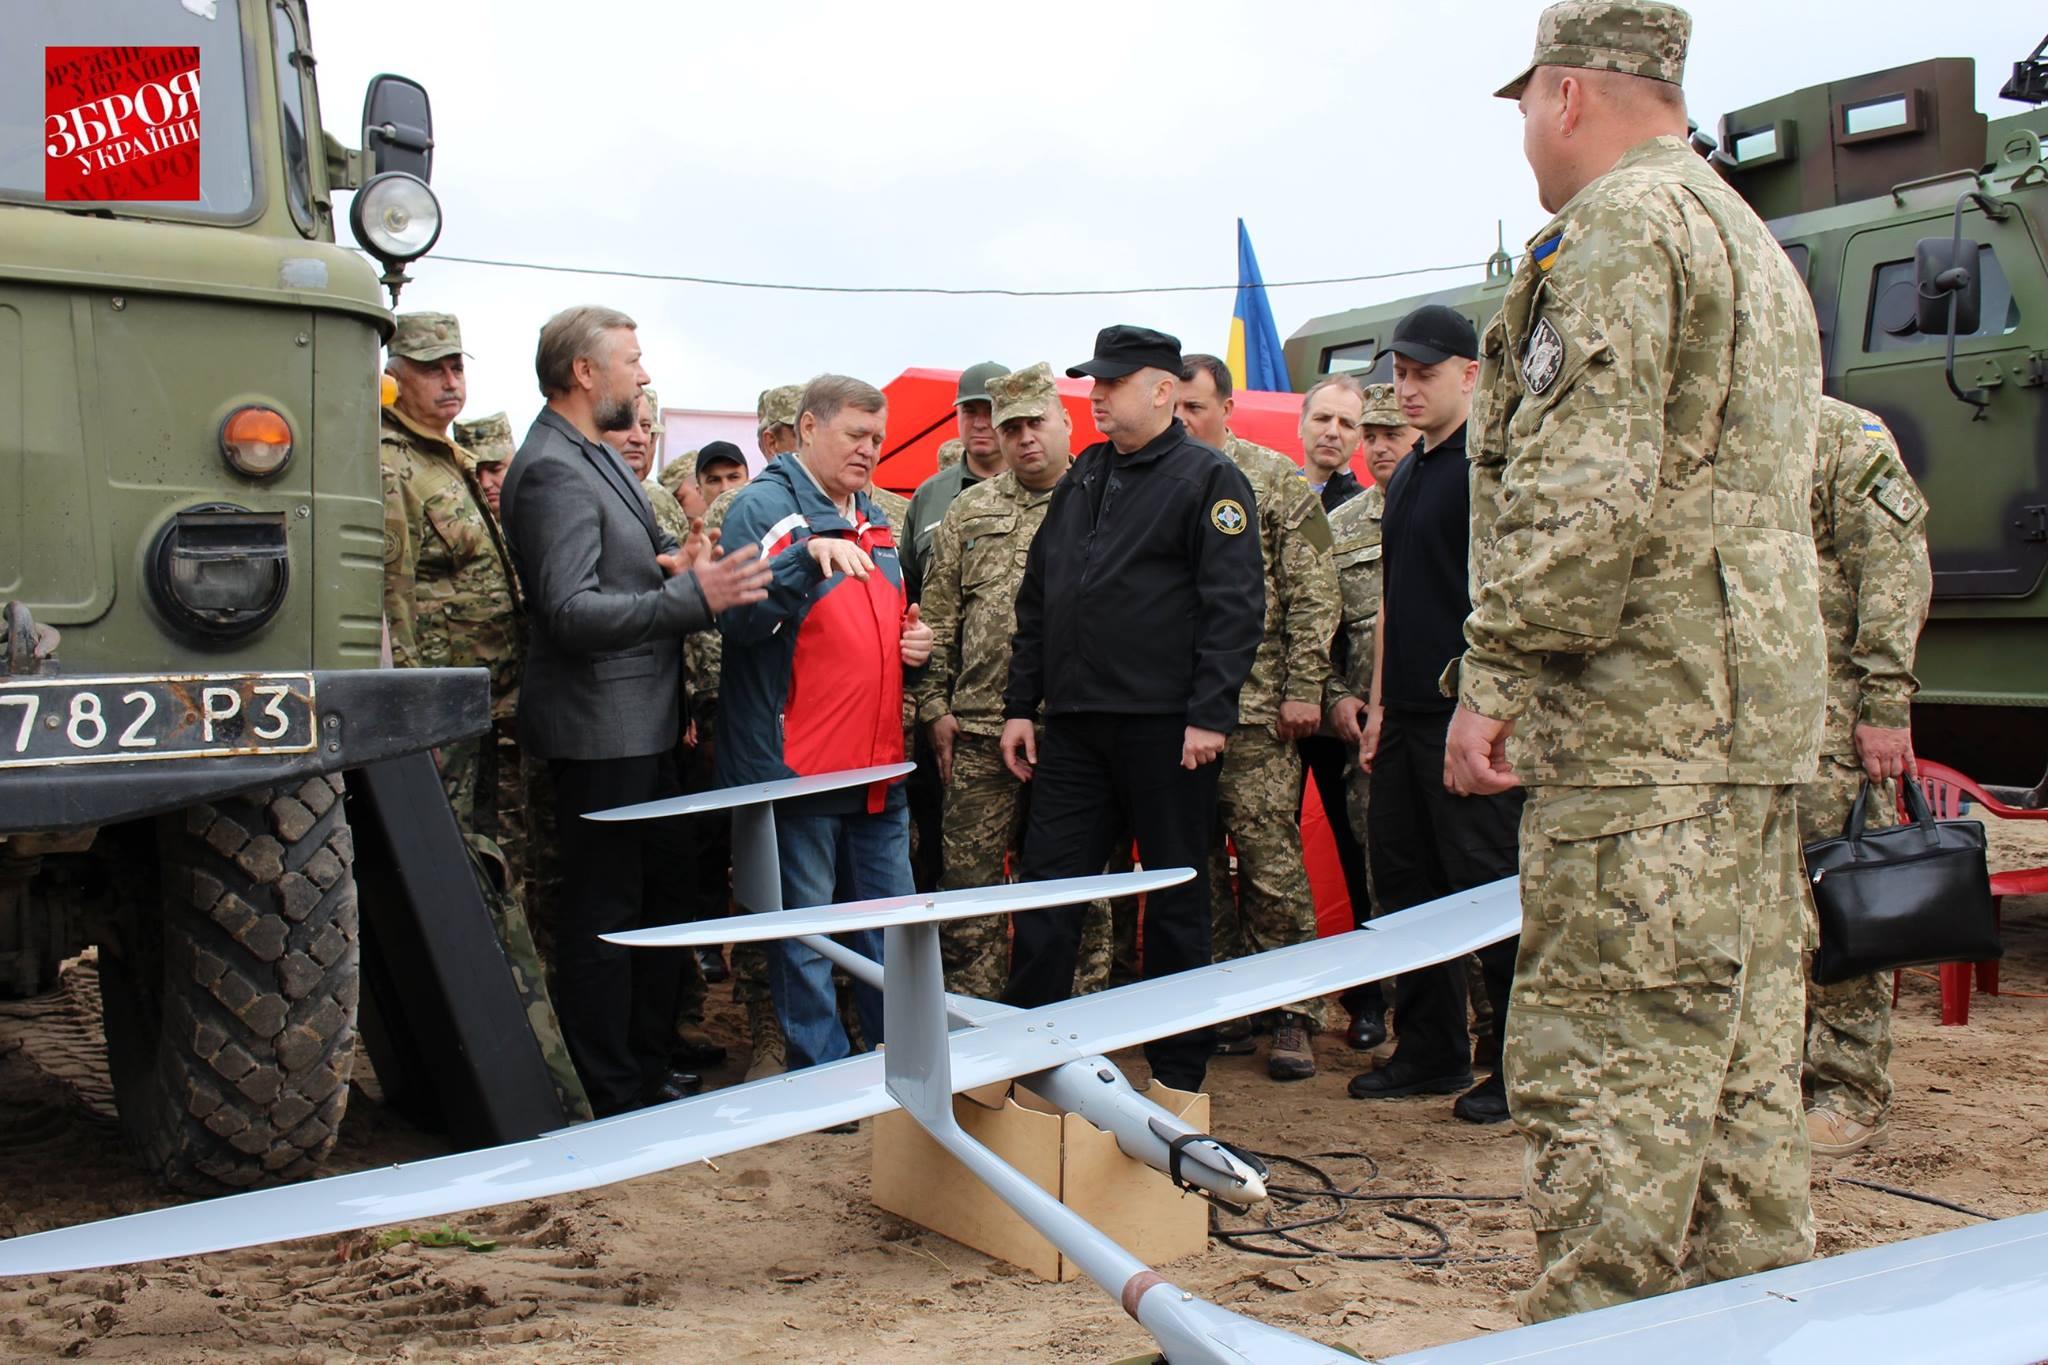 Демонстрация беспилотных летательных аппаратов для вооруженных сил Украины